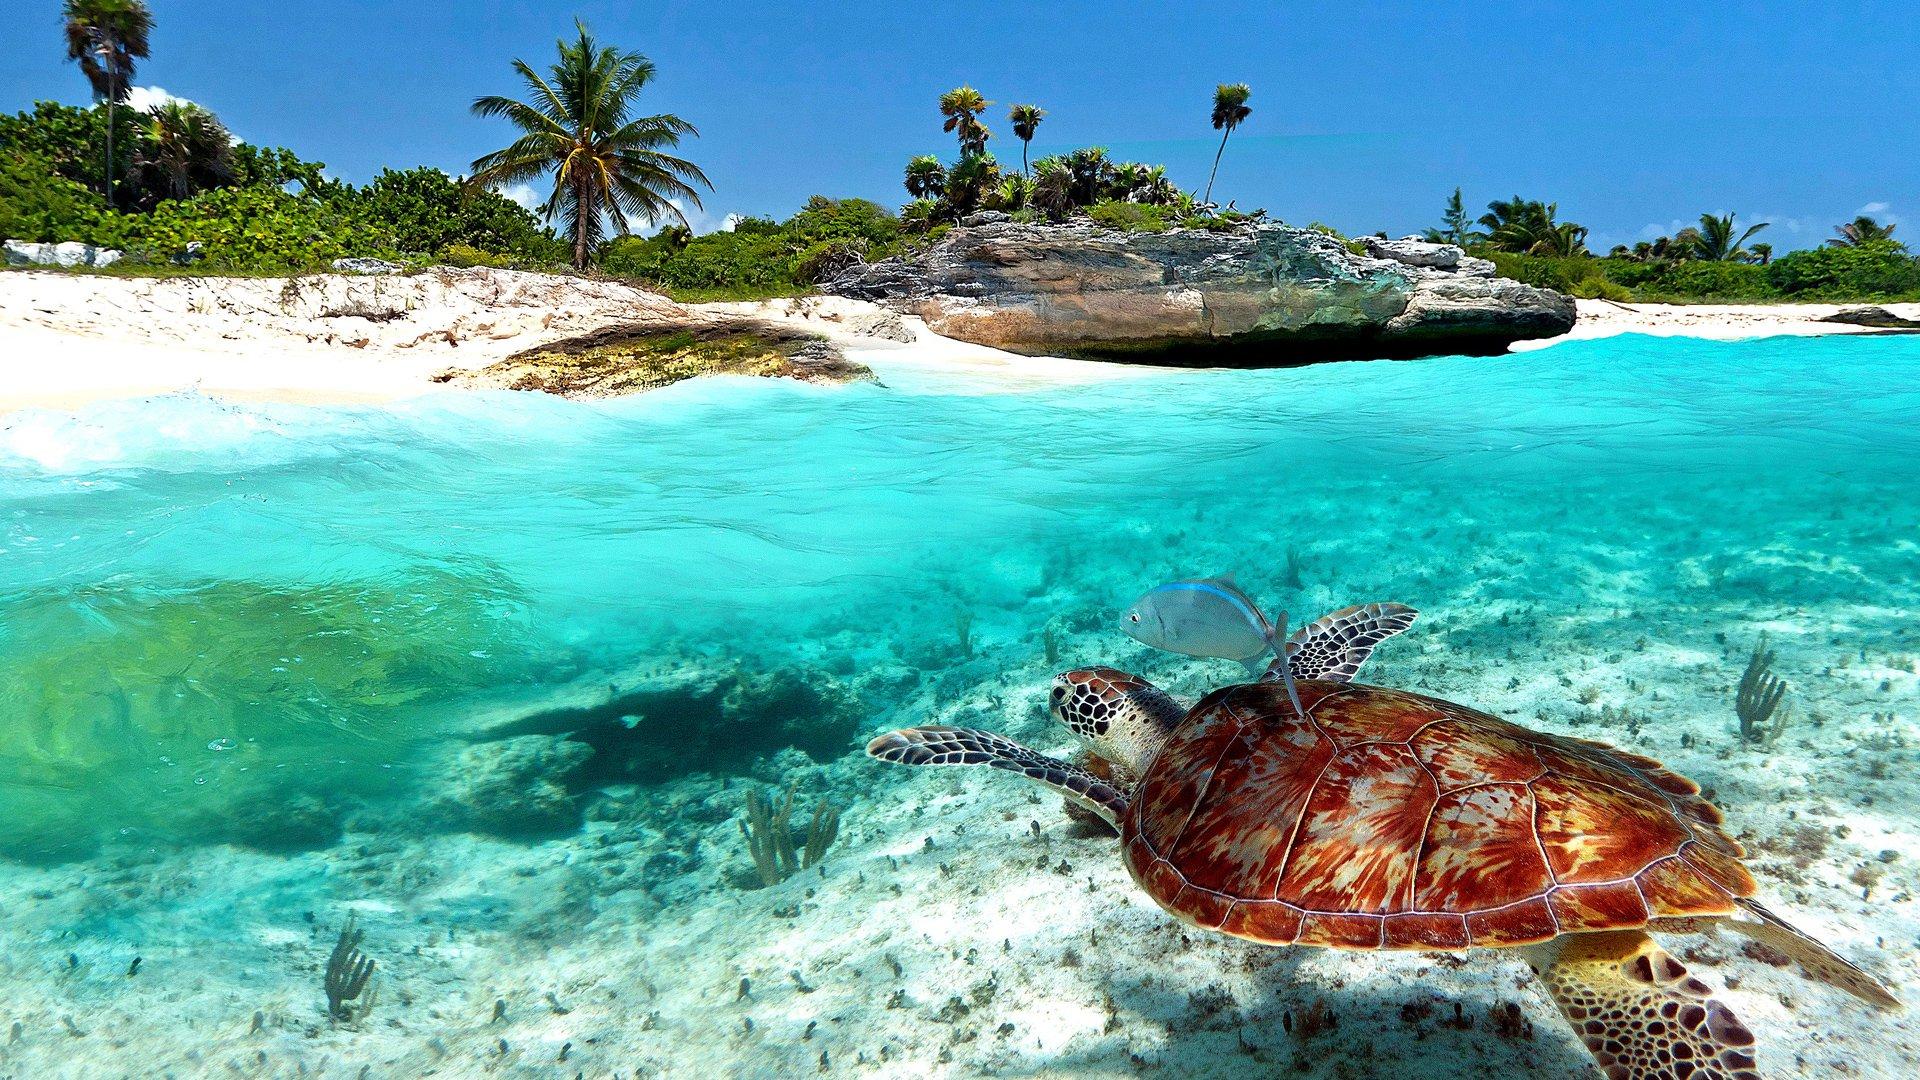 playa-del-carmen-turismo